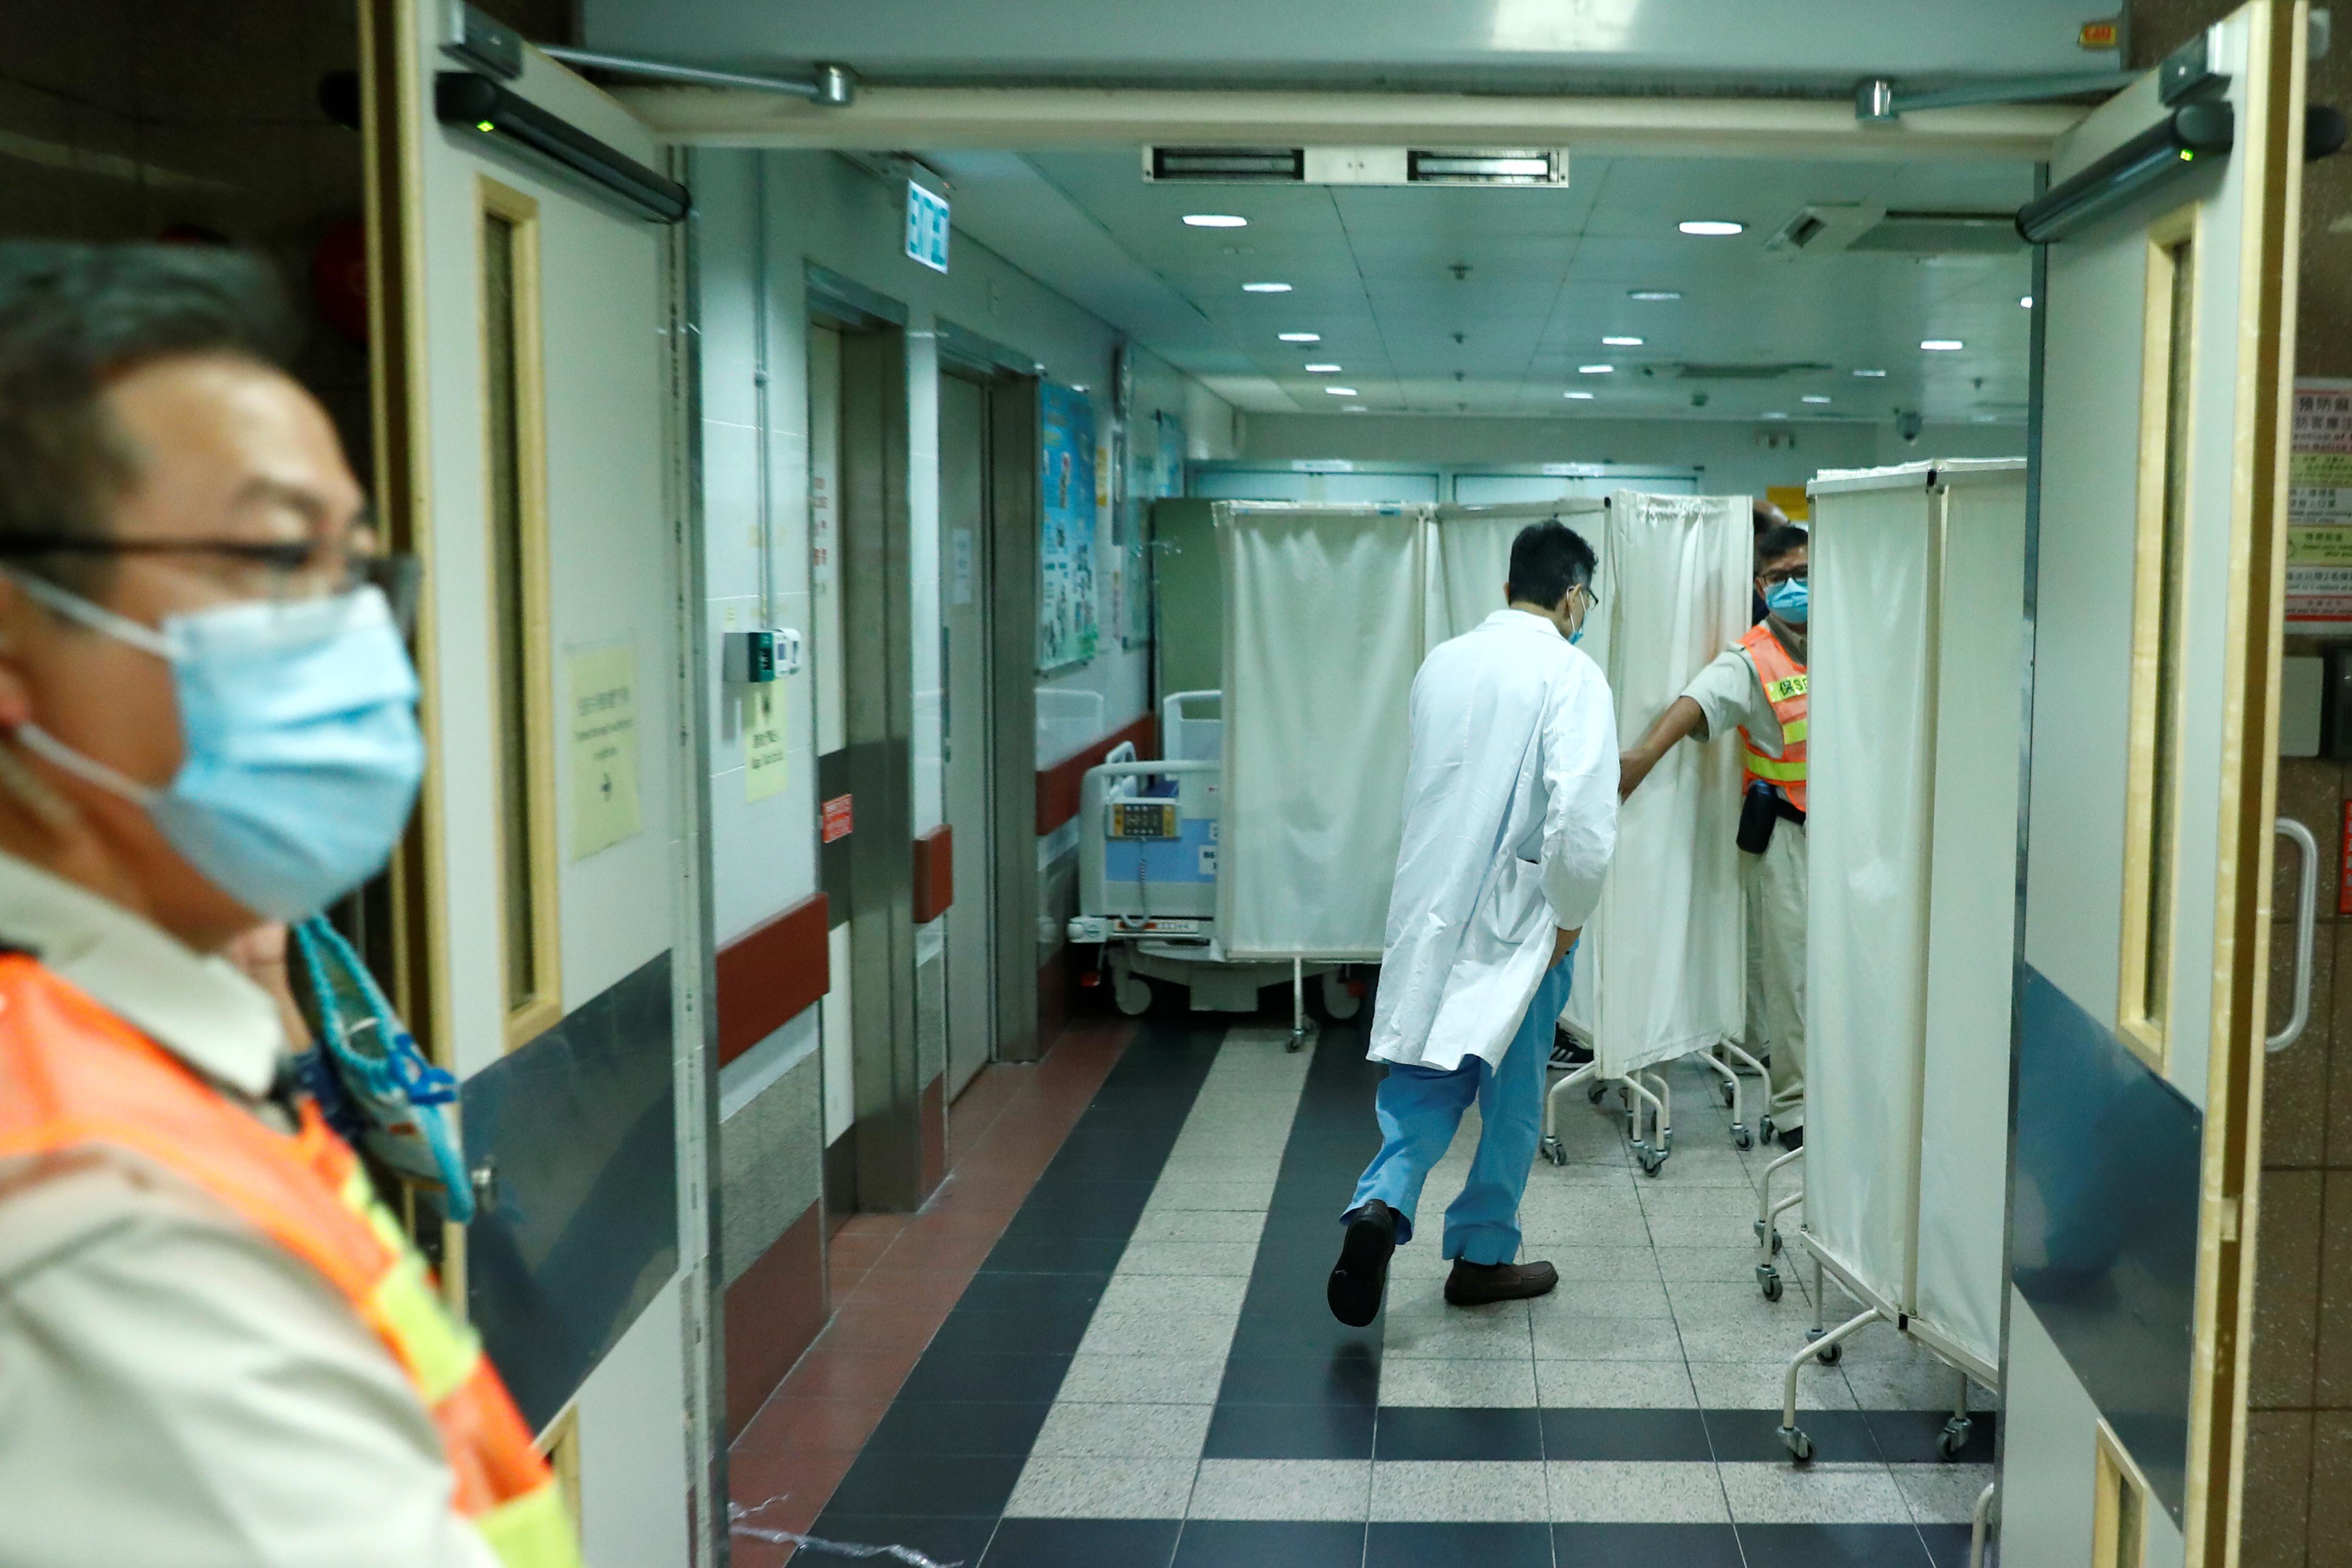 Un étudiant de Hong Kong qui est tombé lors d'une manifestation meurt, de nouveaux troubles sont susceptibles de se produire